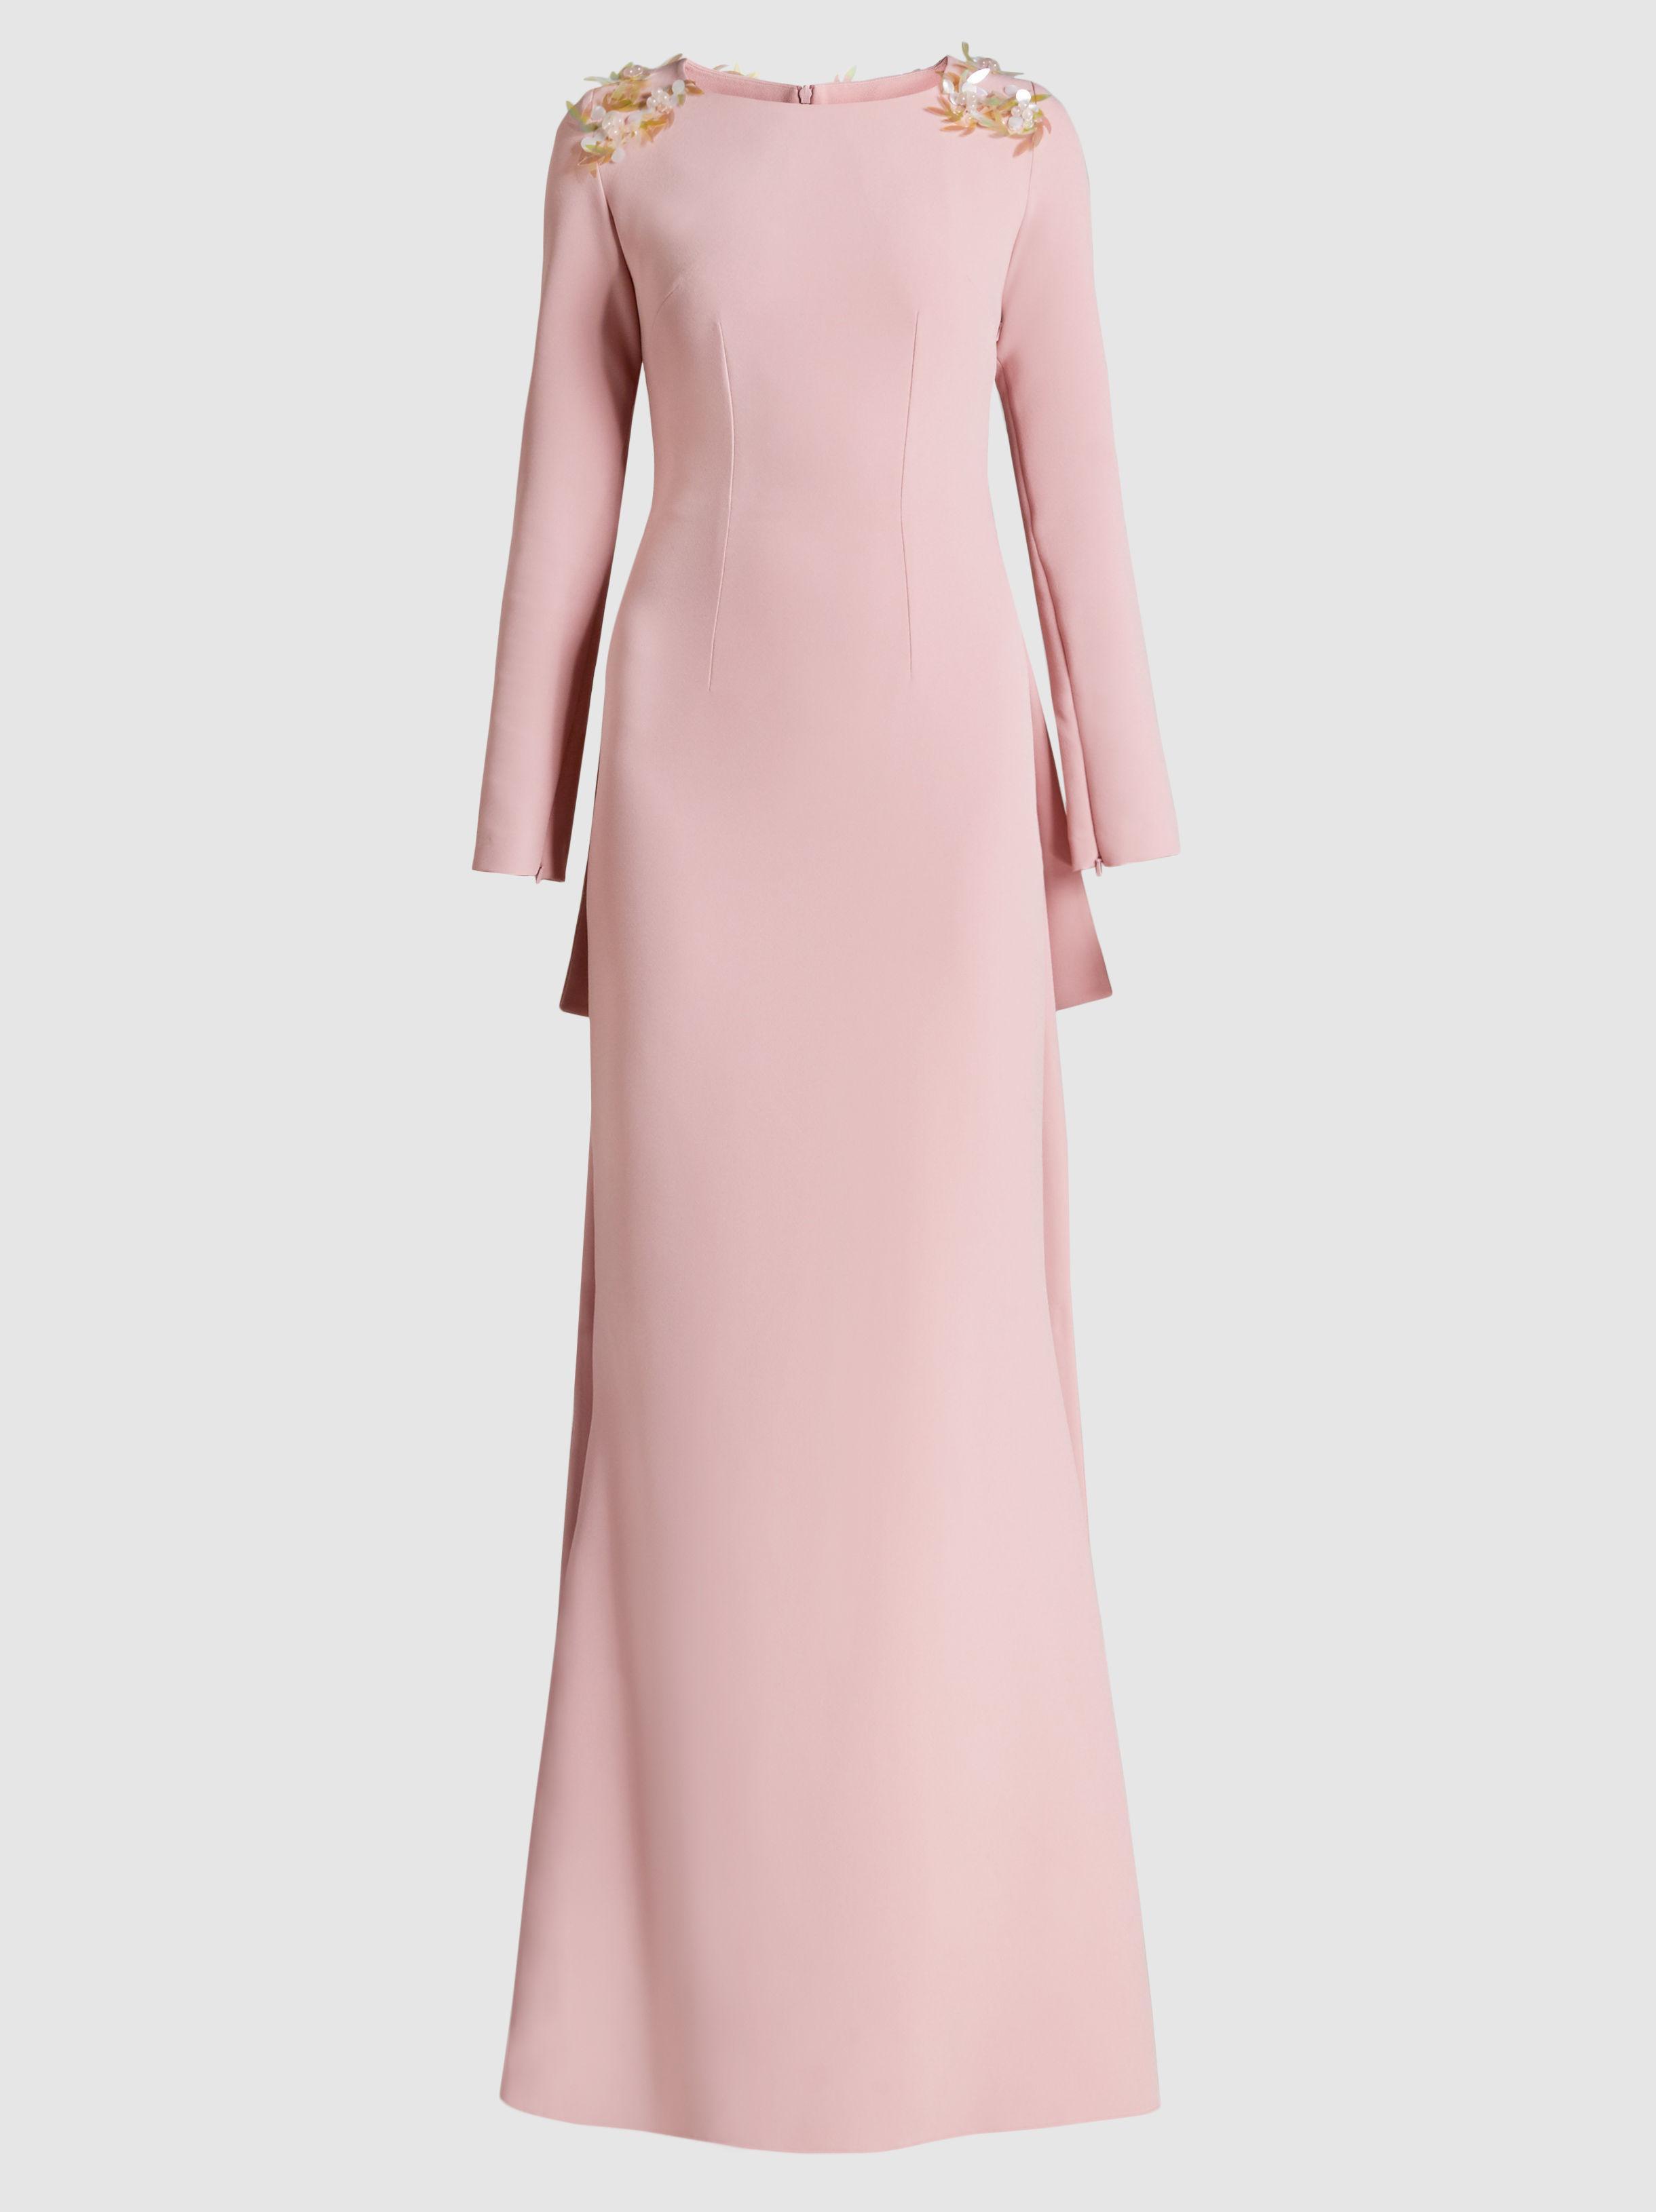 Safiyaa Woman Cutout Paneled Cold-shoulder Crepe Gown Lilac Size 36 SAFiYAA Bg3bLjj1po